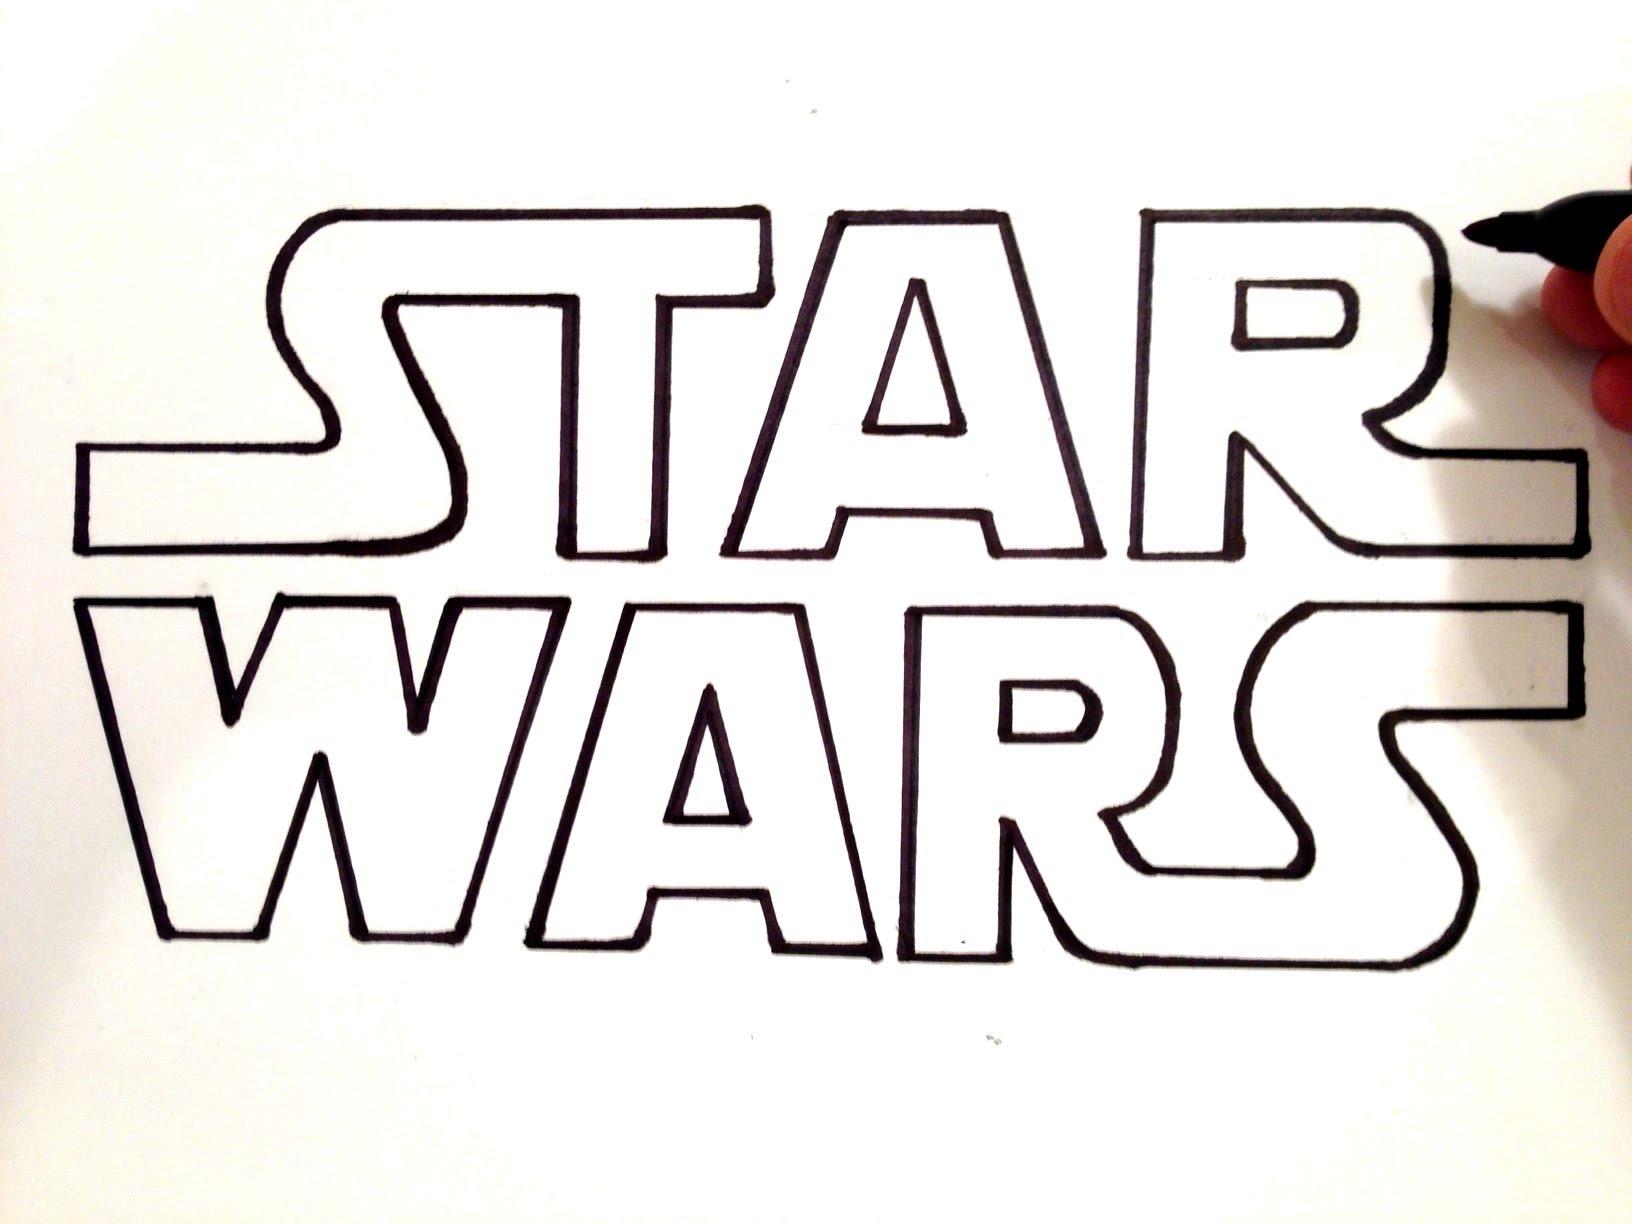 1632x1224 How To Draw Star Wars